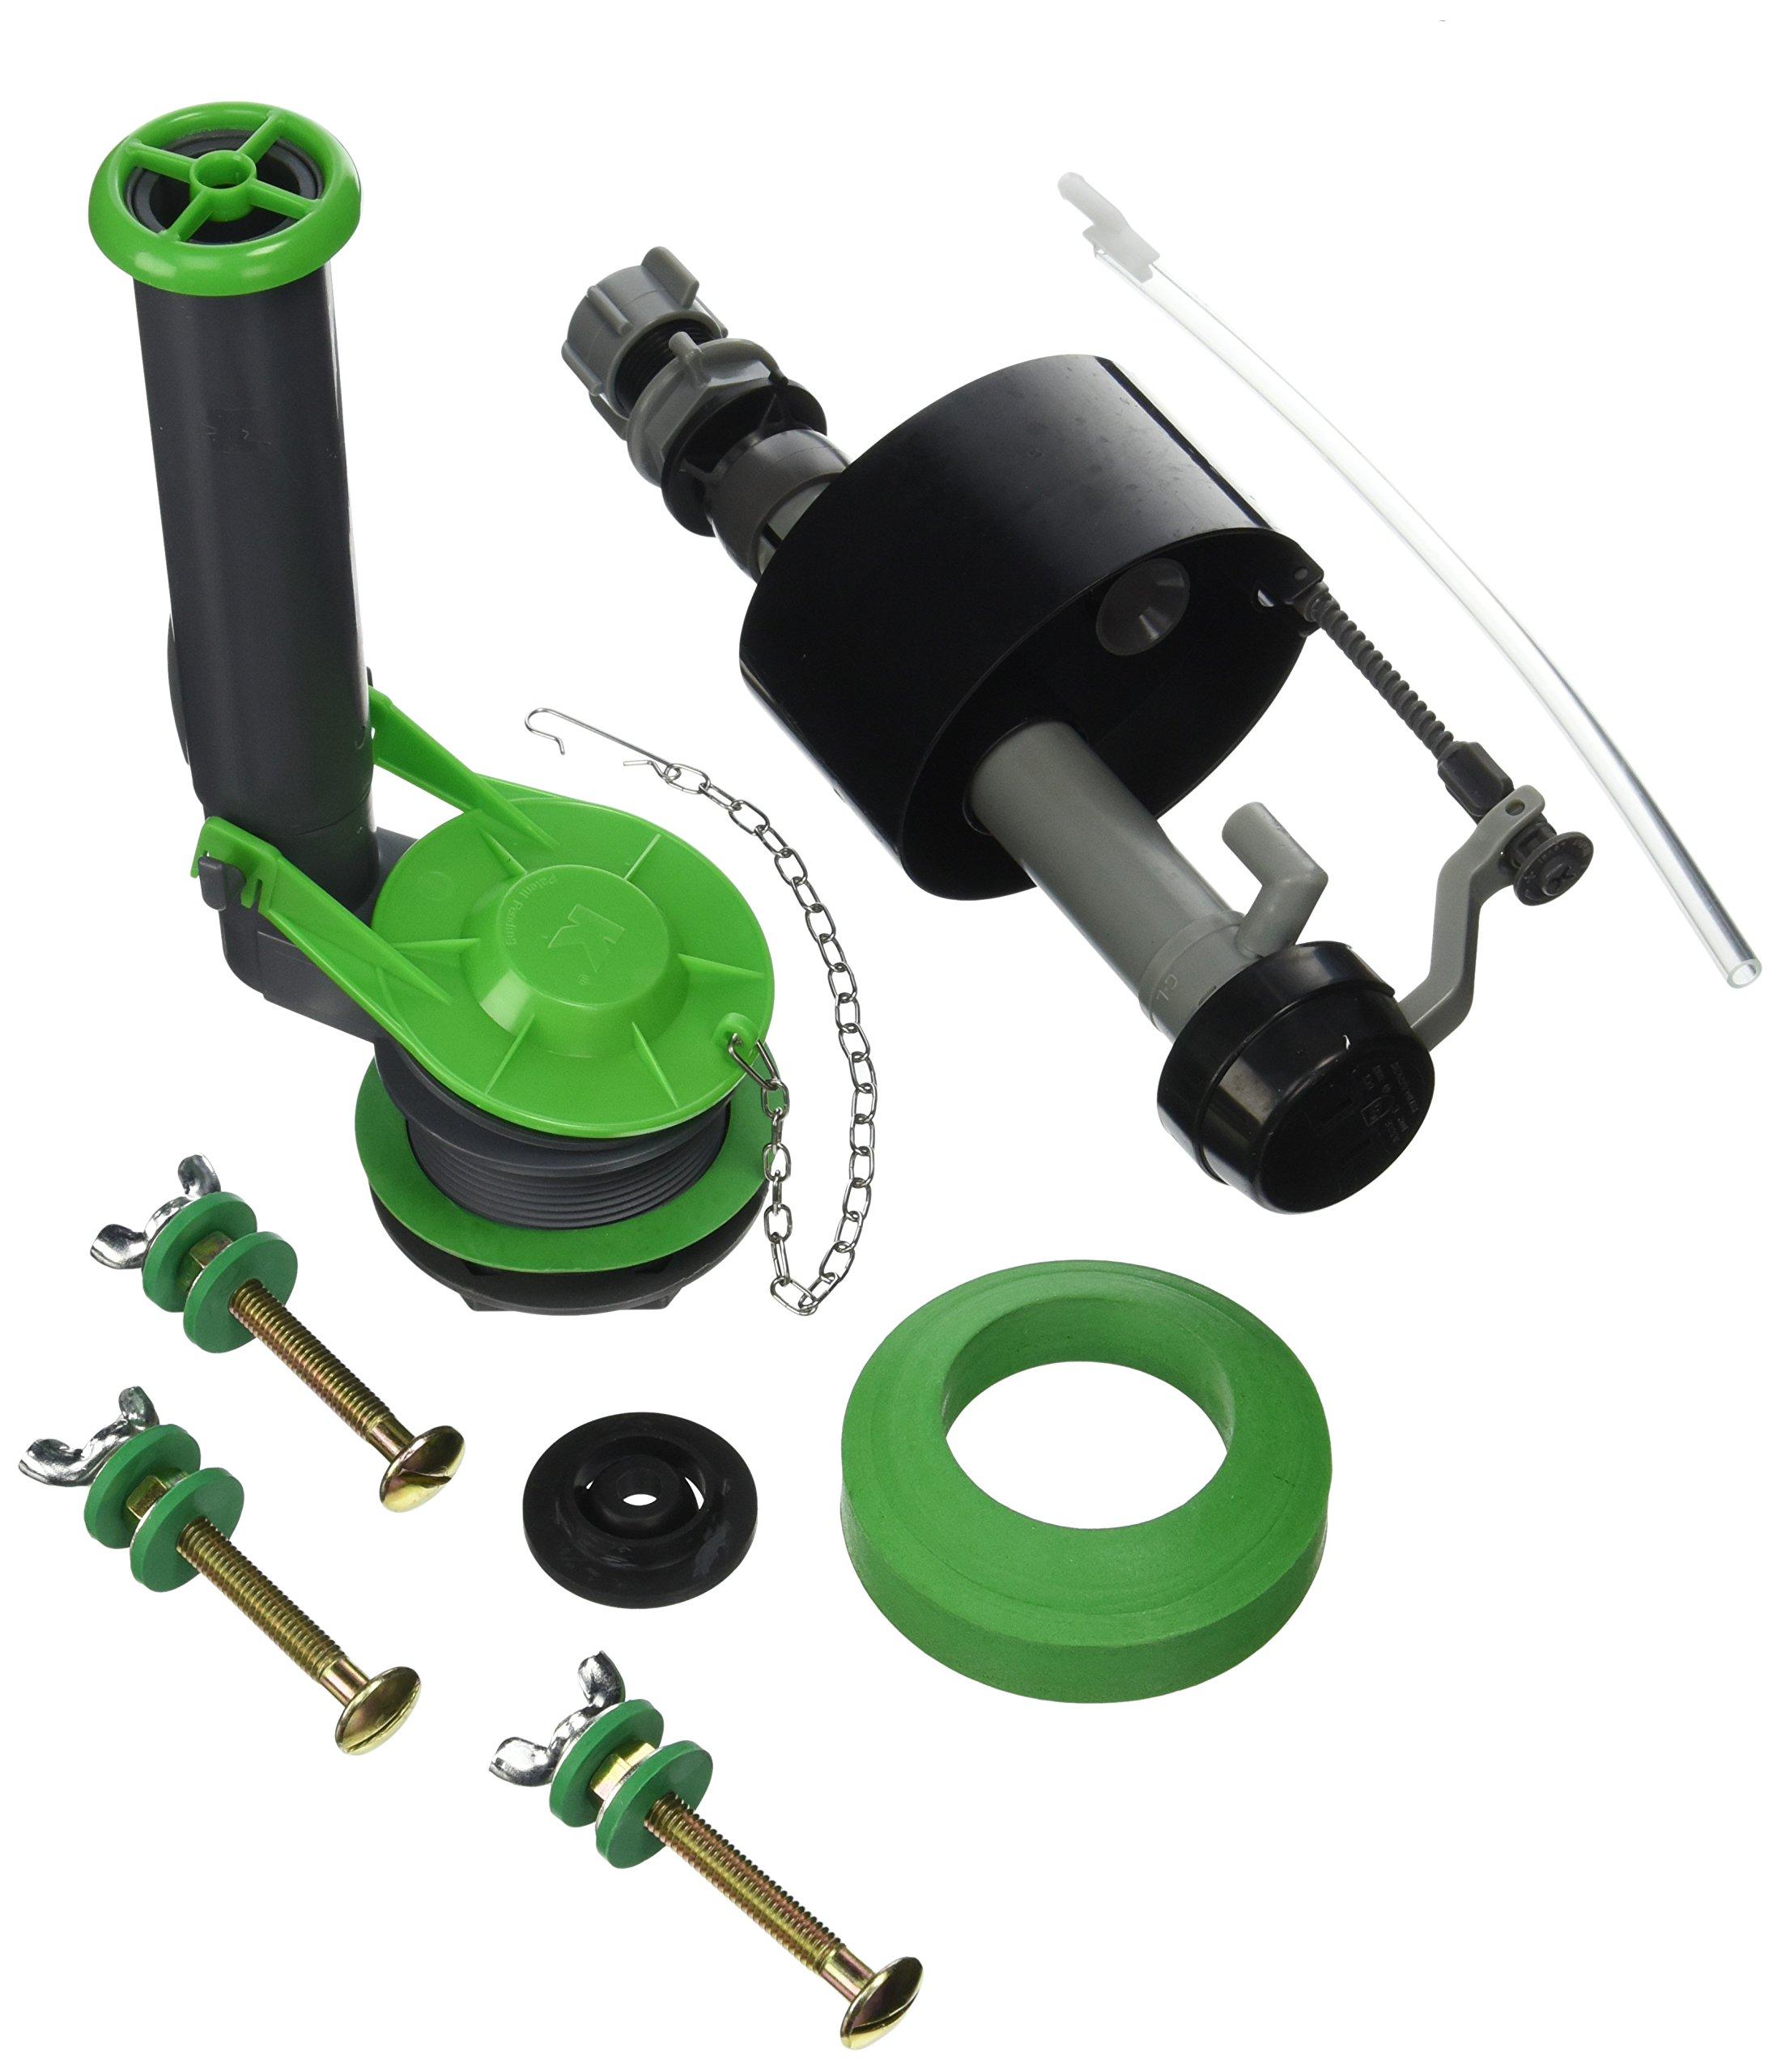 Keeney K830-16BX Floatless Adjustable Toilet Repair Kit, Grey, Green